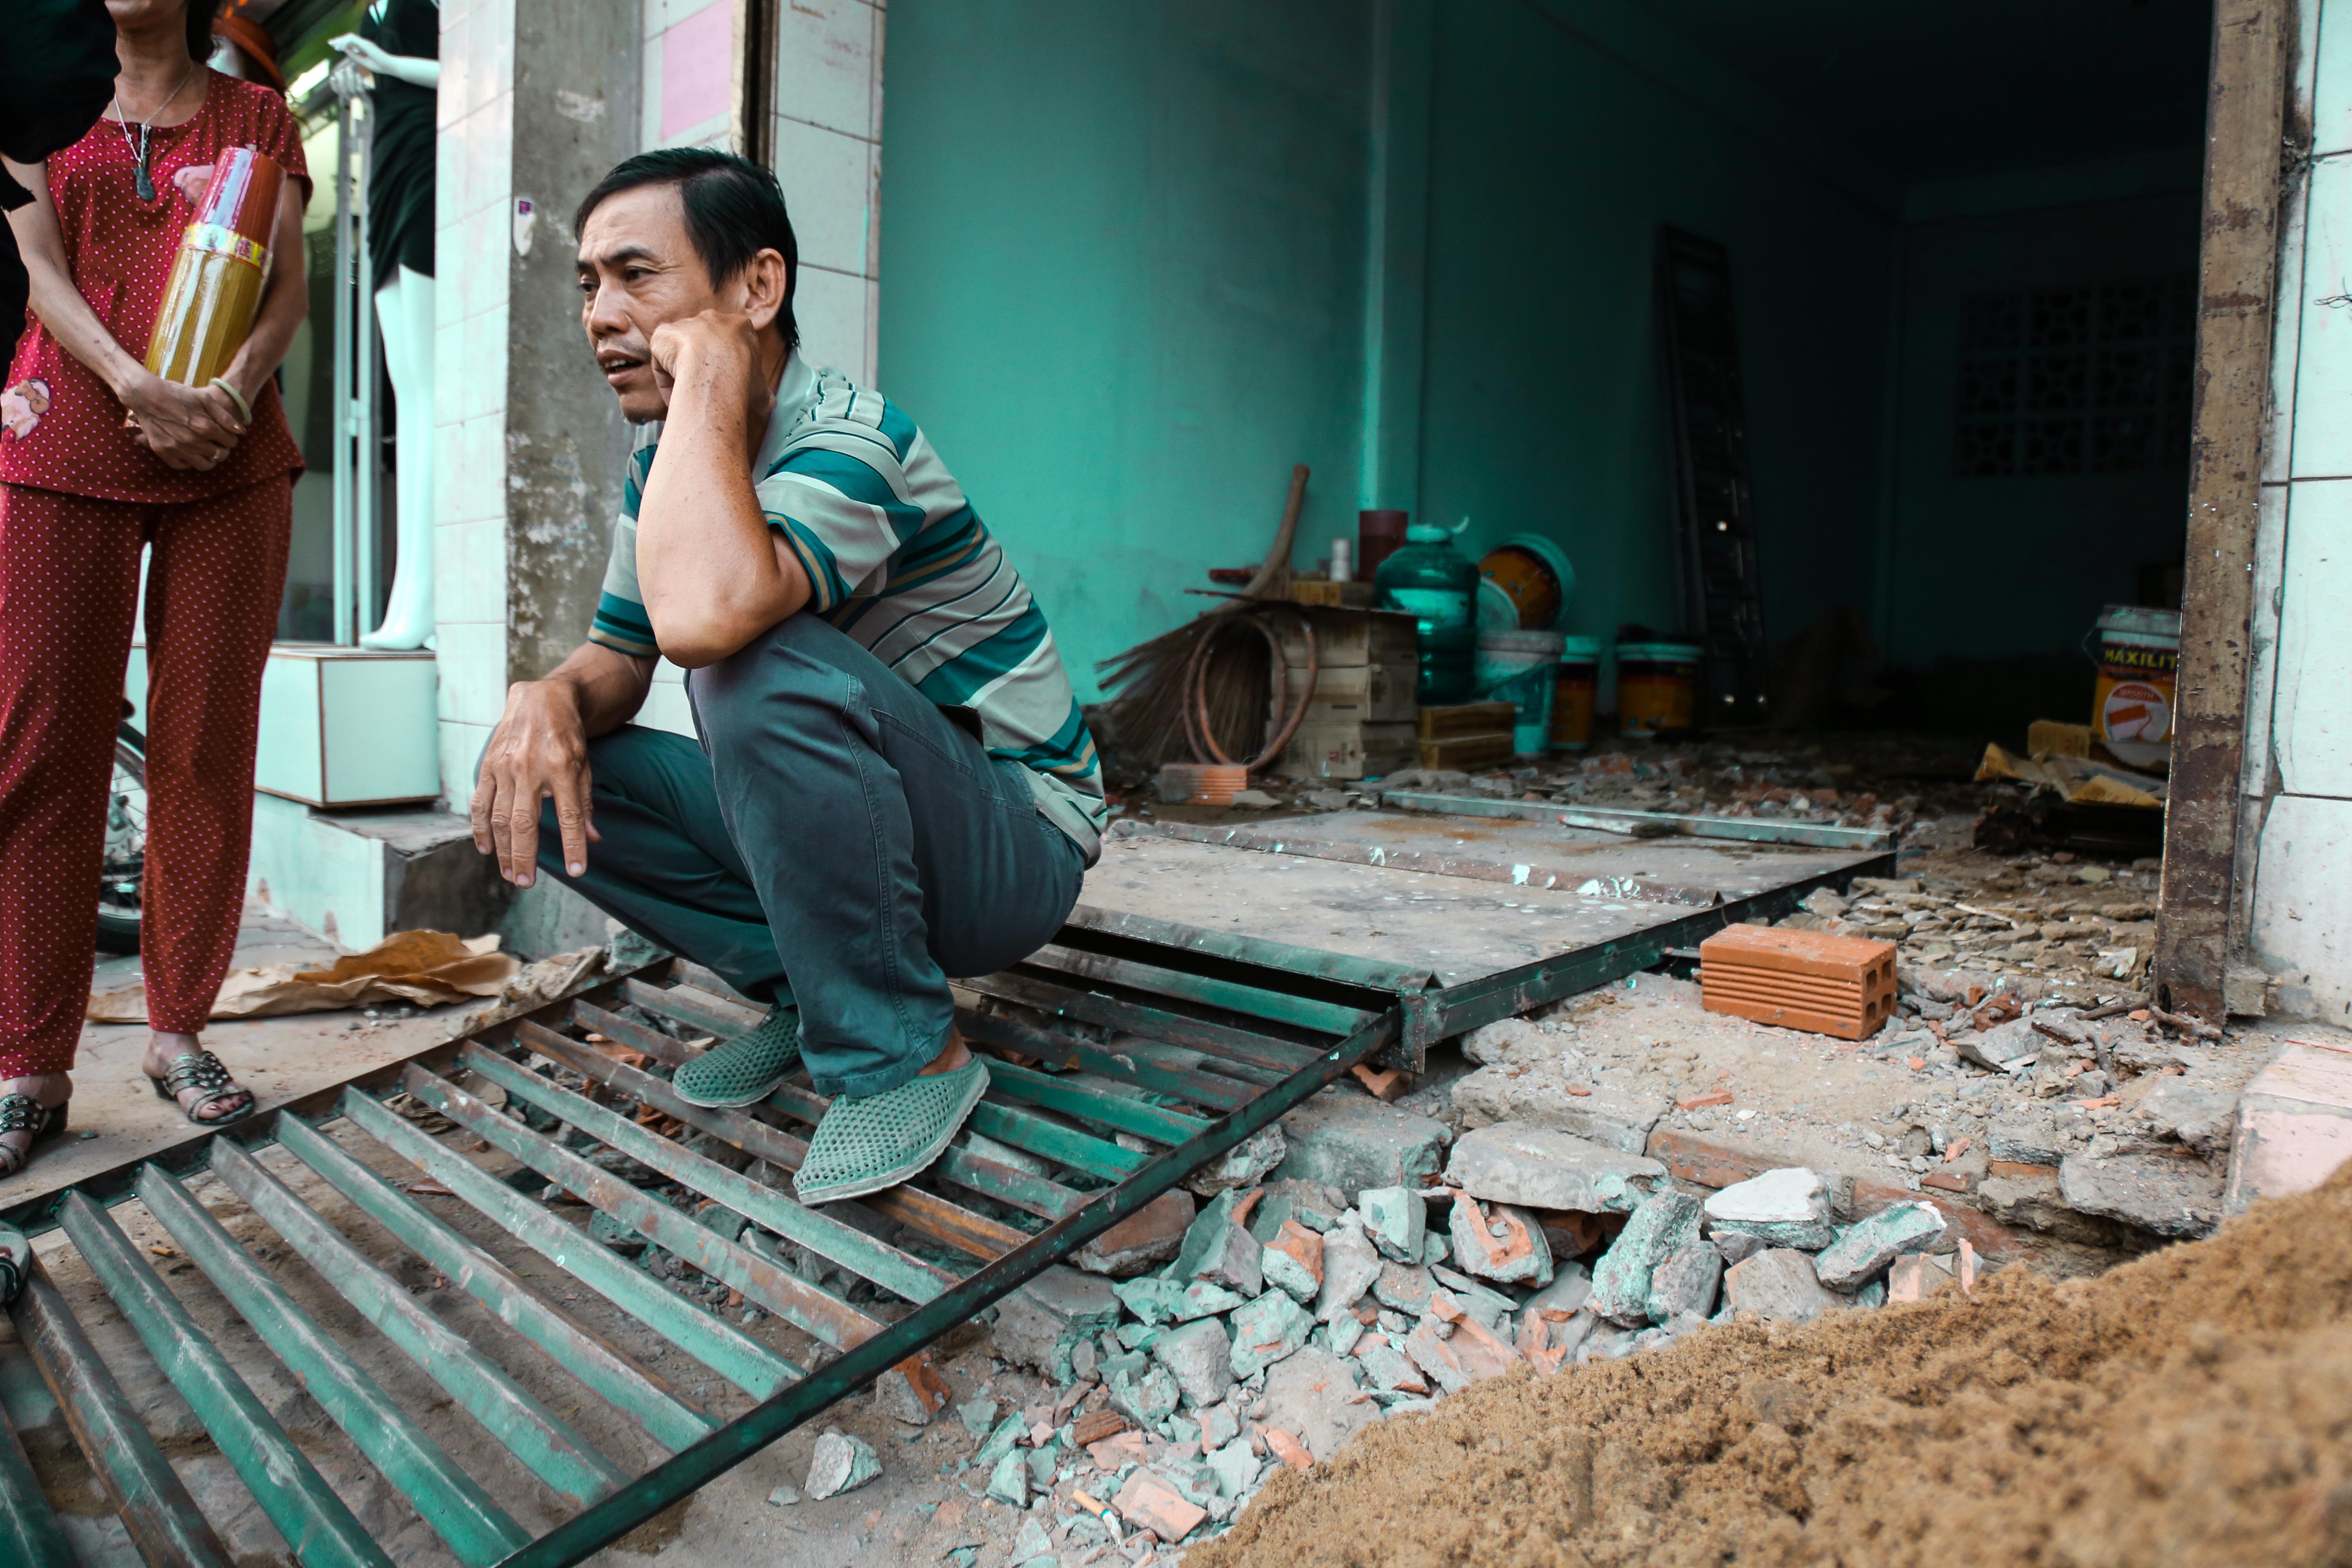 Cái khó ló cái khôn: Người Sài Gòn lắp bậc tam cấp di động như hộp tủ để không lấn chiếm vỉa hè - Ảnh 4.